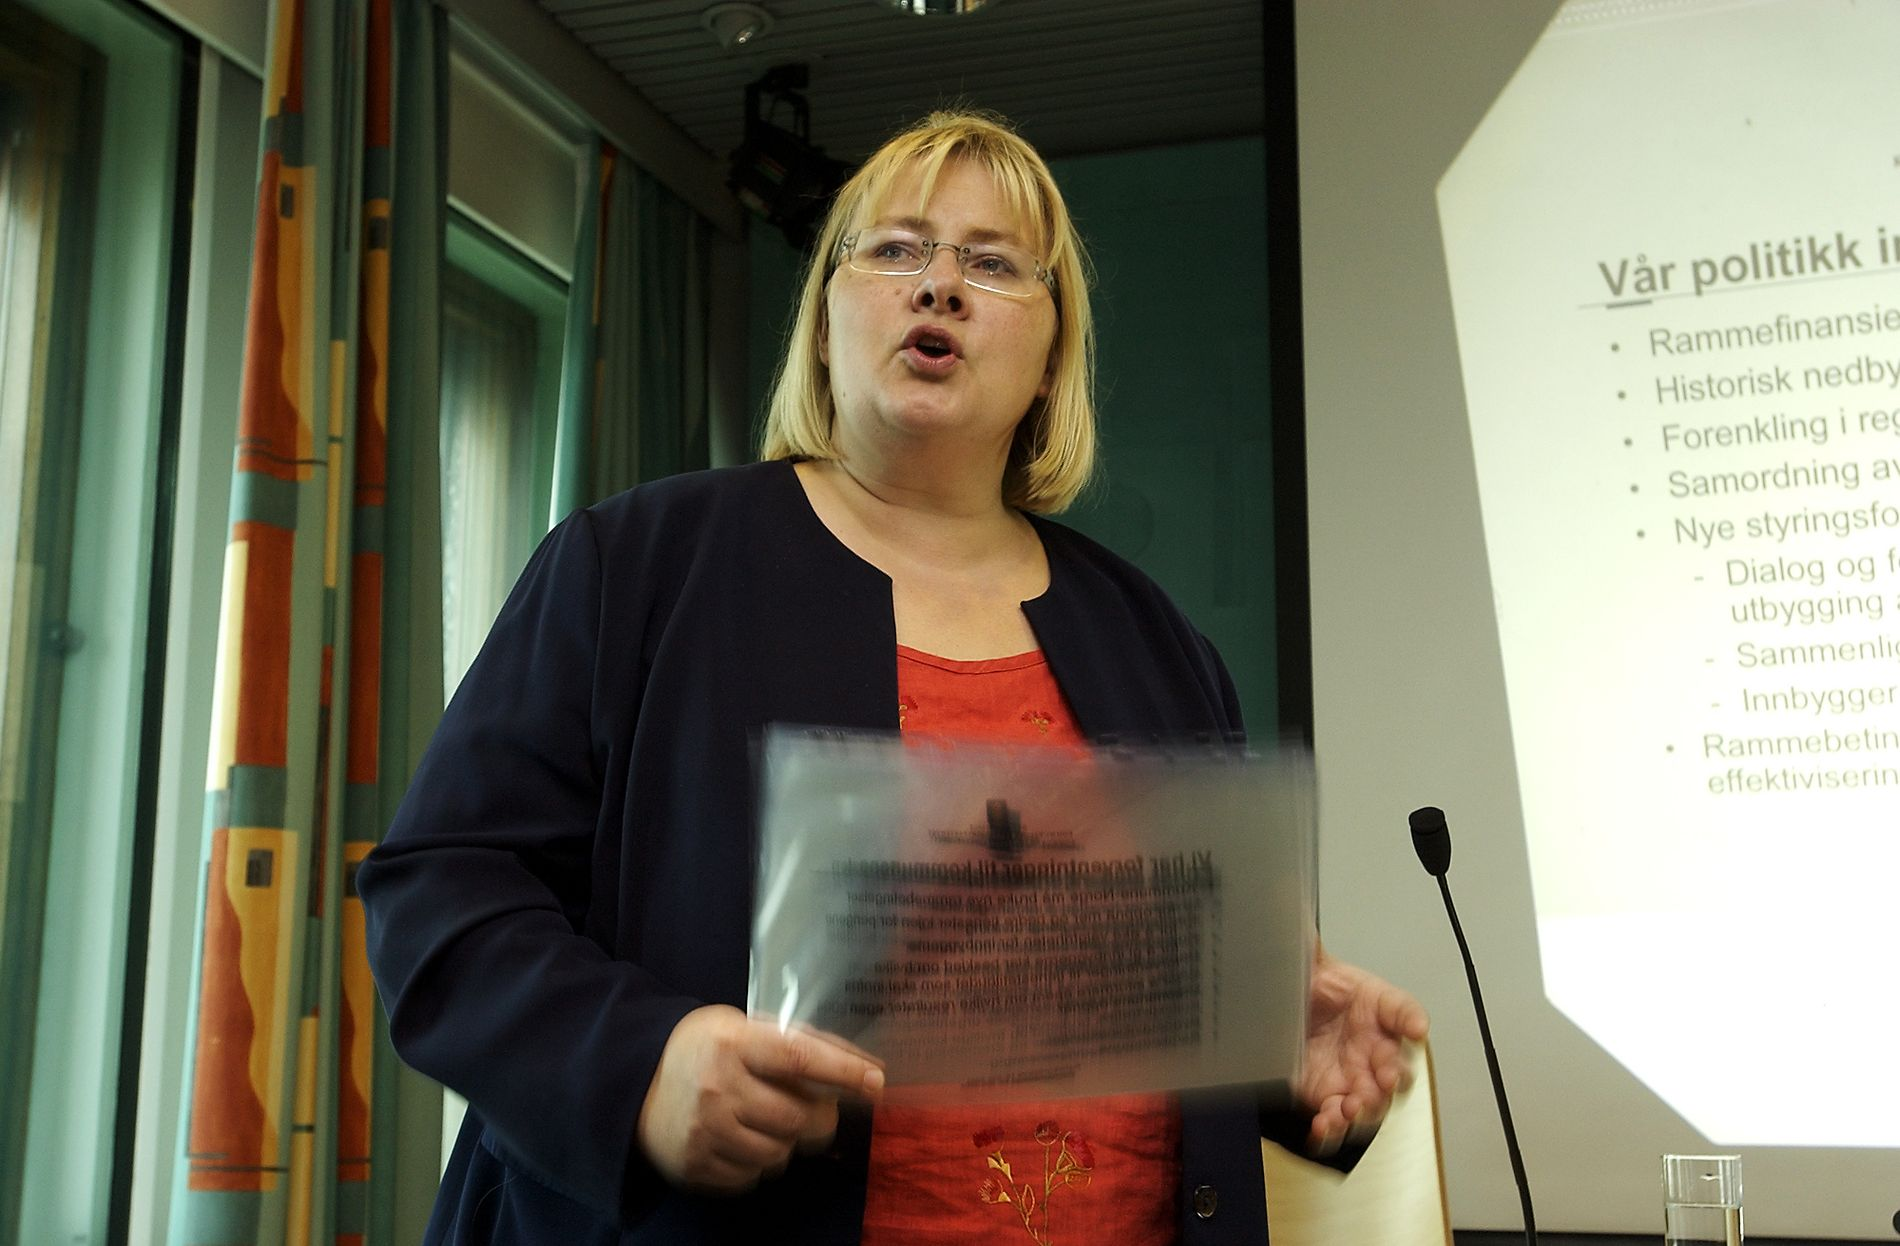 NORSK SHARIA? – I 2003 foreslo daværende kommunalminister Erna Solberg å åpne opp for shariaråd i Norge.  I dag ville det vært uhørt av en statsråd å komme med et slikt utspill, uansett farge på regjeringen, skriver Sylo Taraku.